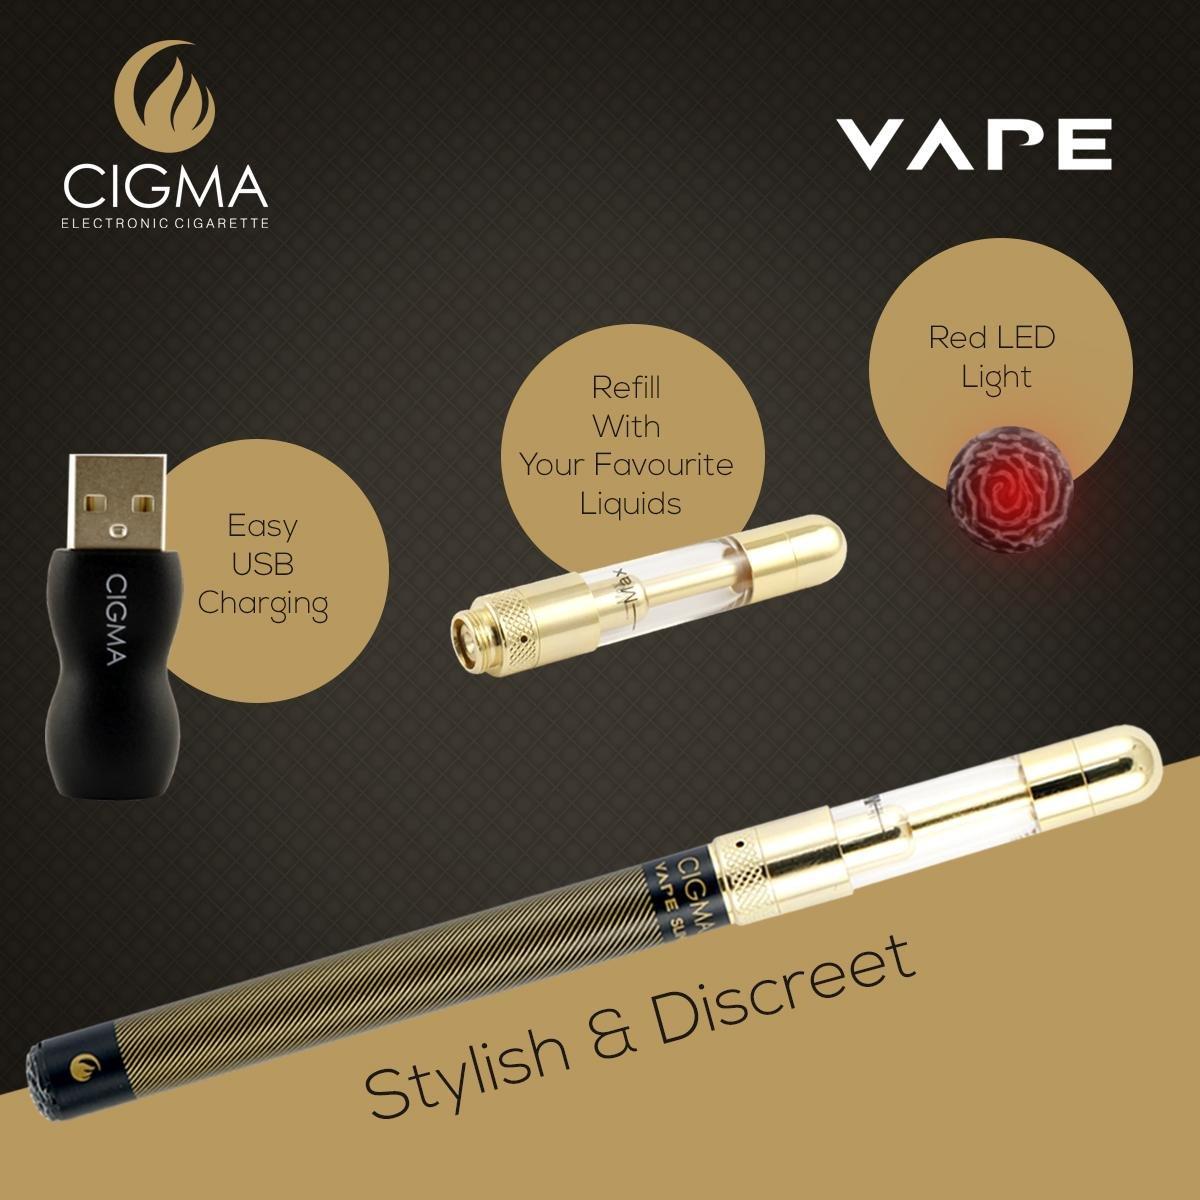 Cigma Vape | kit de cigarrillo electrónico más pequeño del mundo Recargable | E Shisha | Recargable | Claromizador Recargable | E-líquido recargable ...